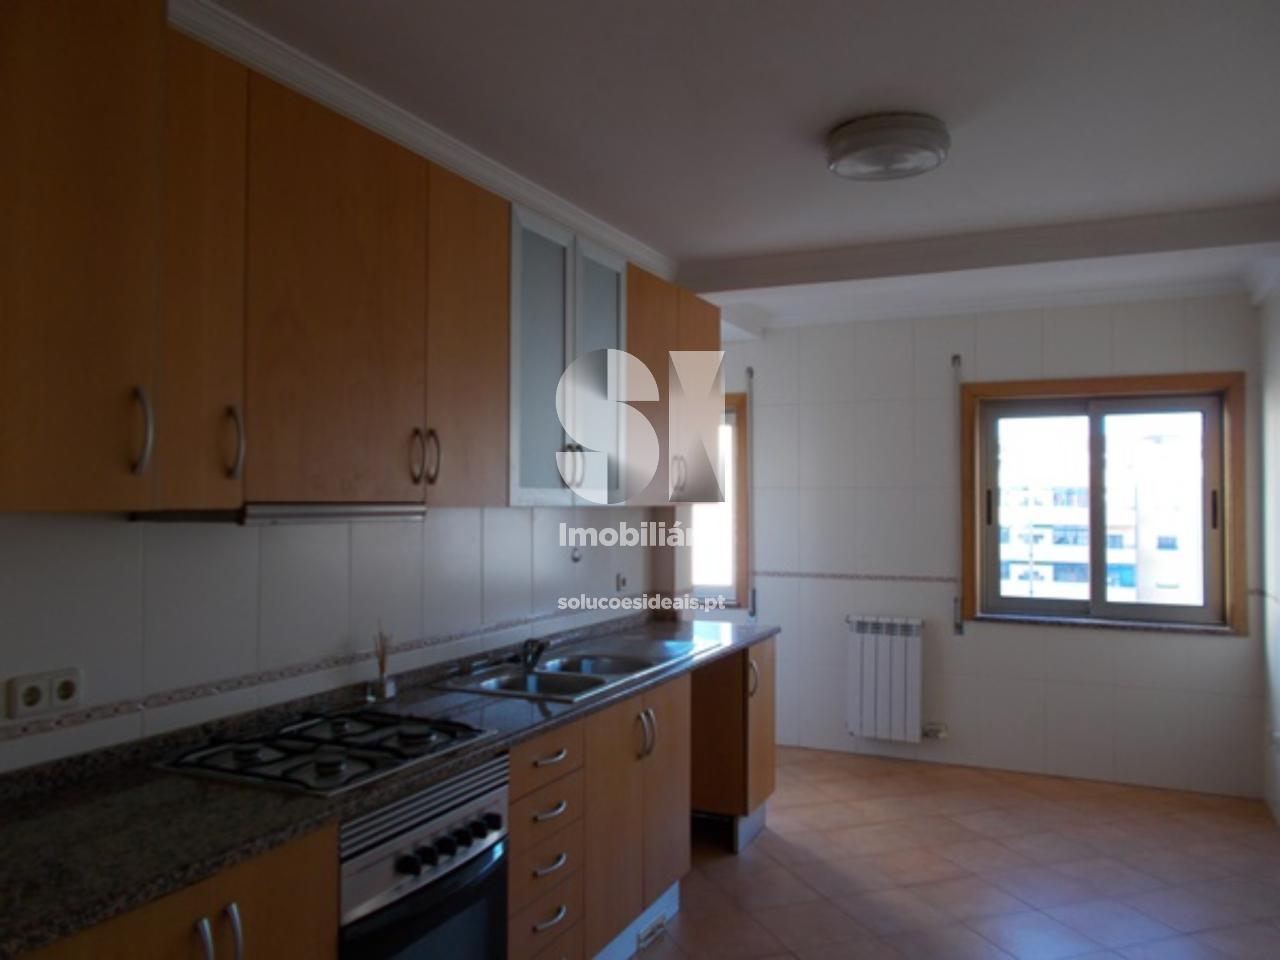 apartamento t4 duplex para compra em aveiro uniao das freguesias de gloria e vera cruz AVGLB1400